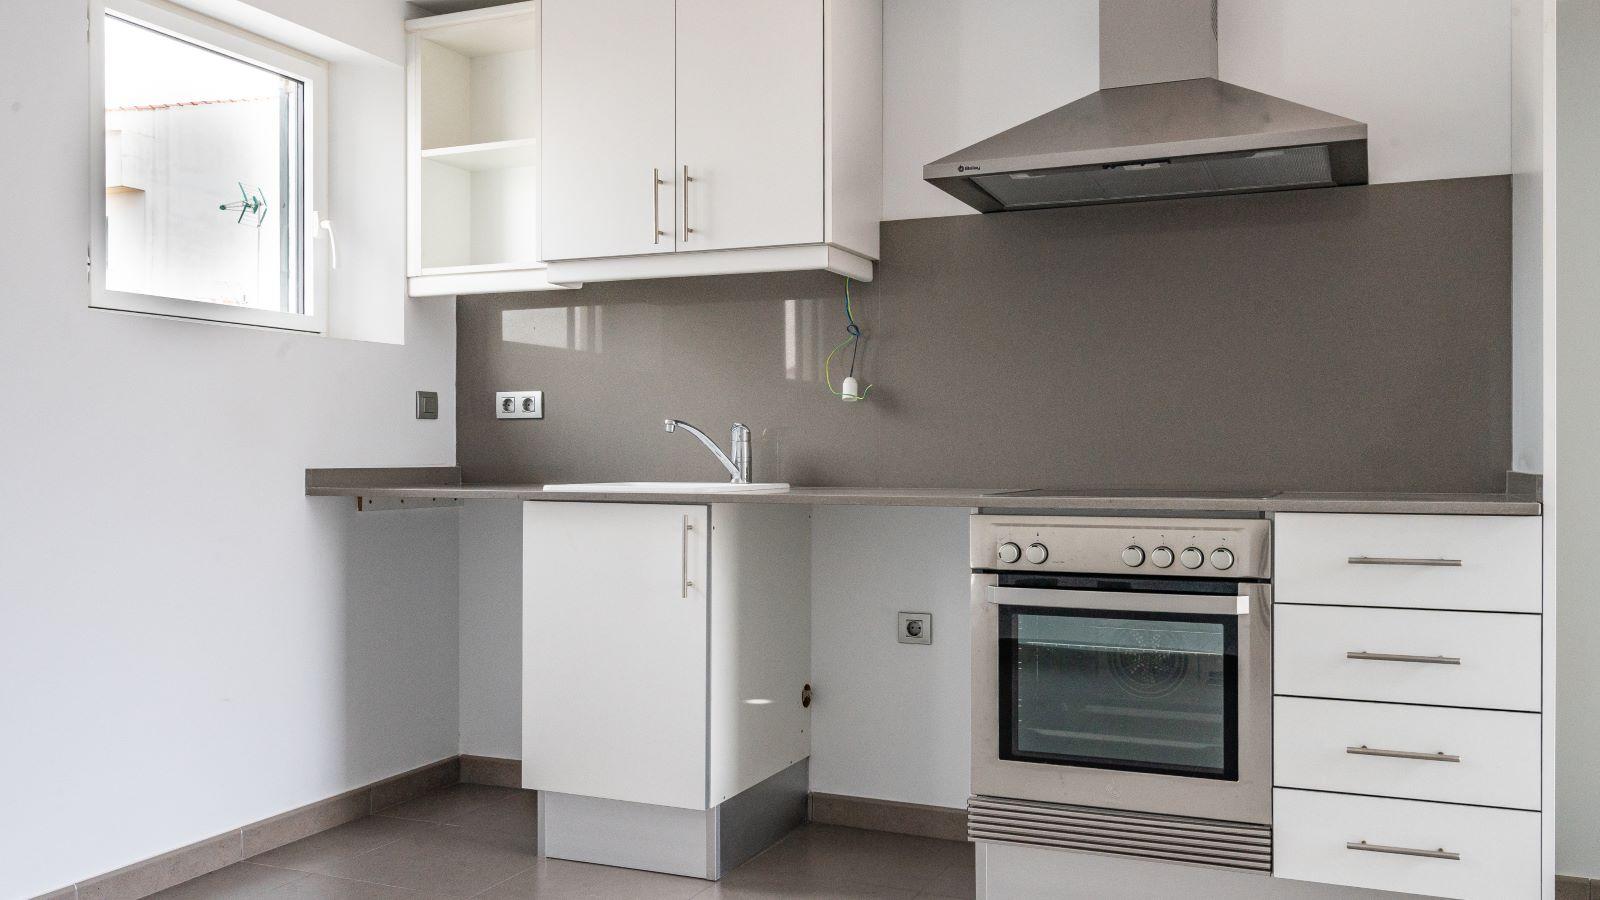 Wohnung in Es Castell Ref: V2138 (16) 3